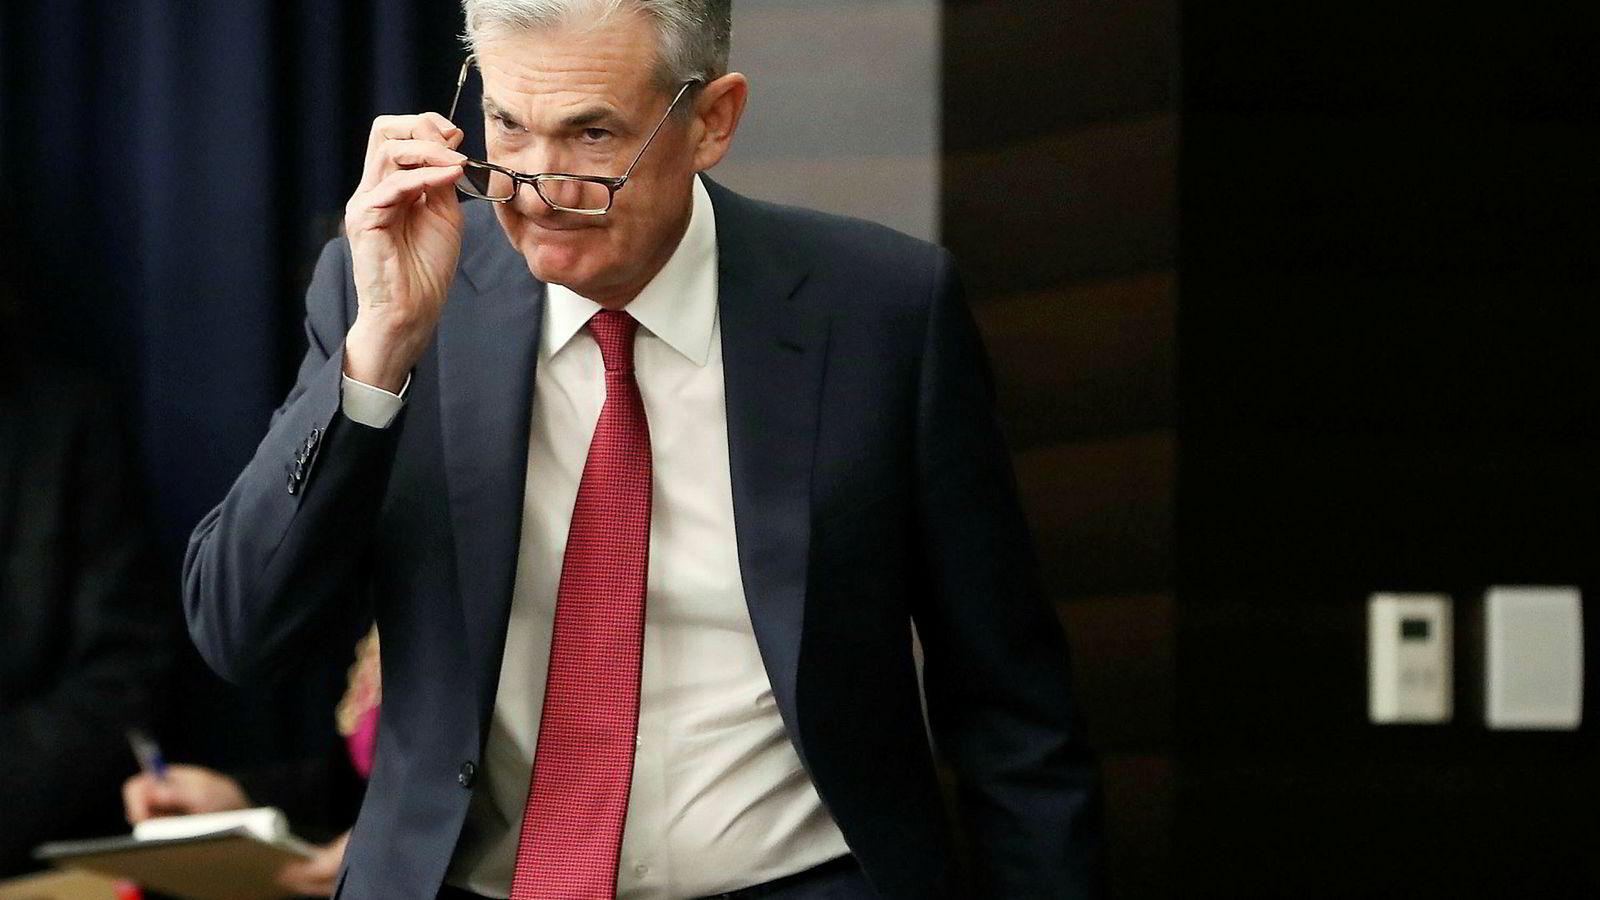 Investorene mener sannsynligheten har økt for at den amerikanske sentralbanksjefen Jerome Powell vil sette ned renten.